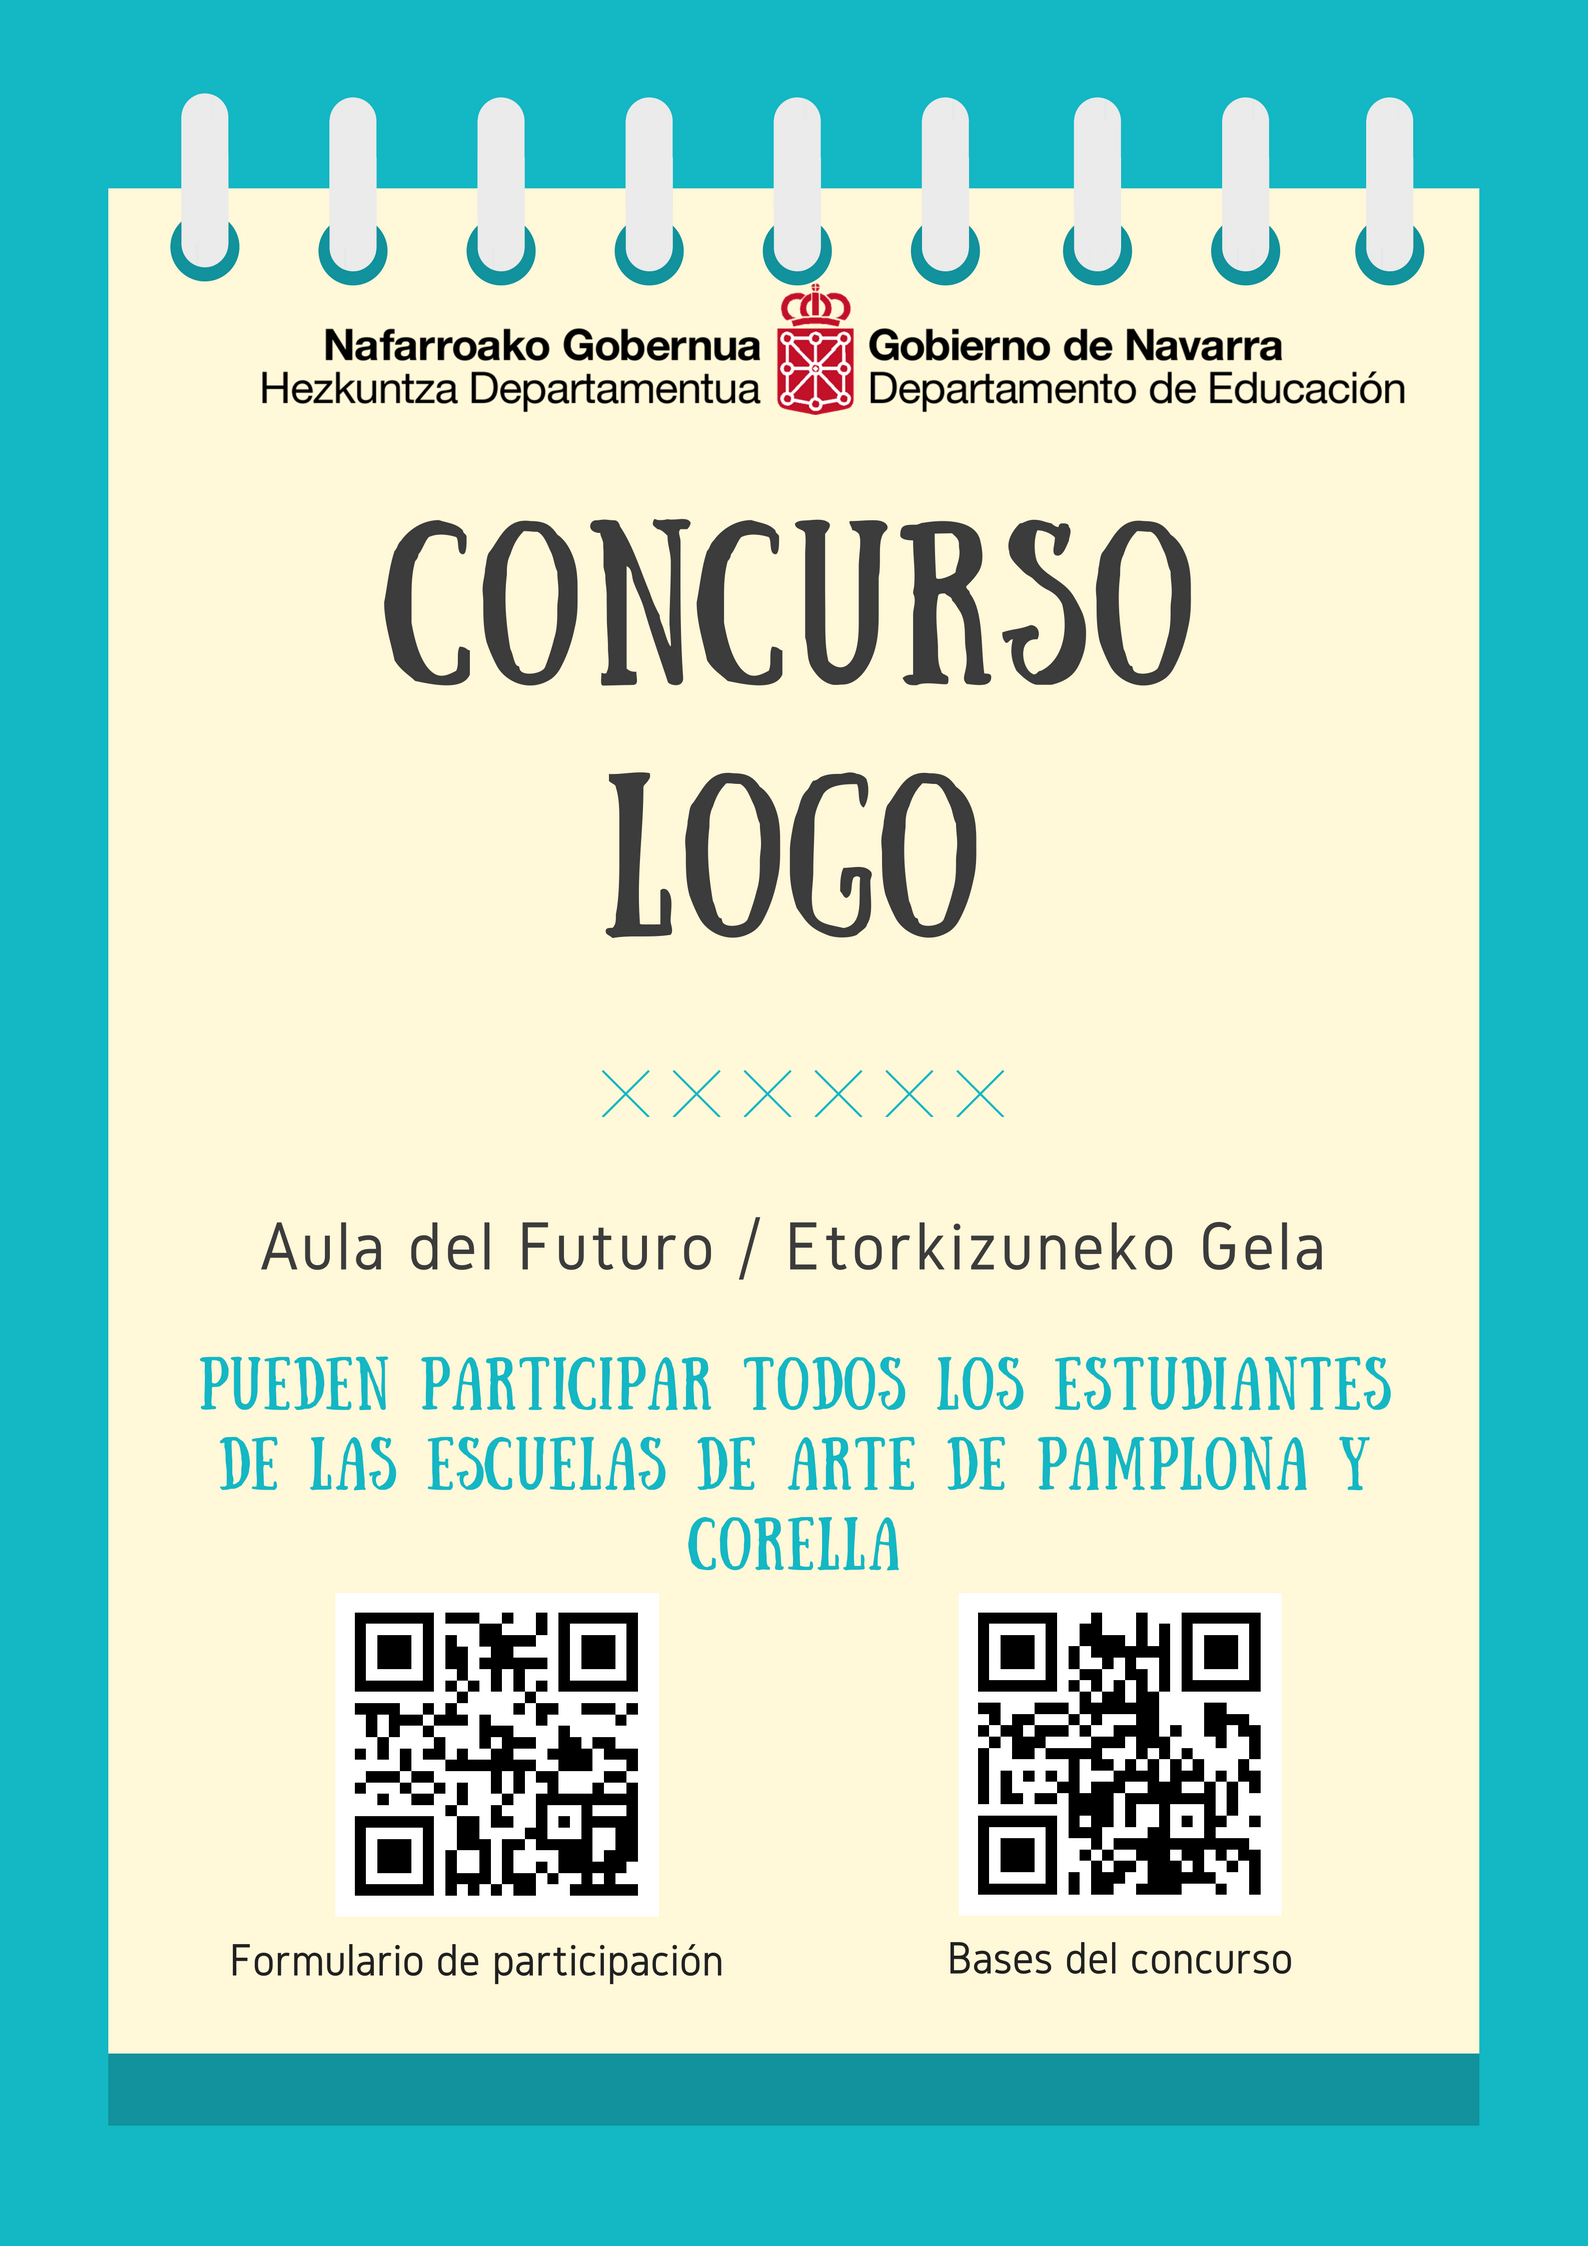 """Concurso logo """"Aula del Futuro/Etorkizuneko Gela"""""""